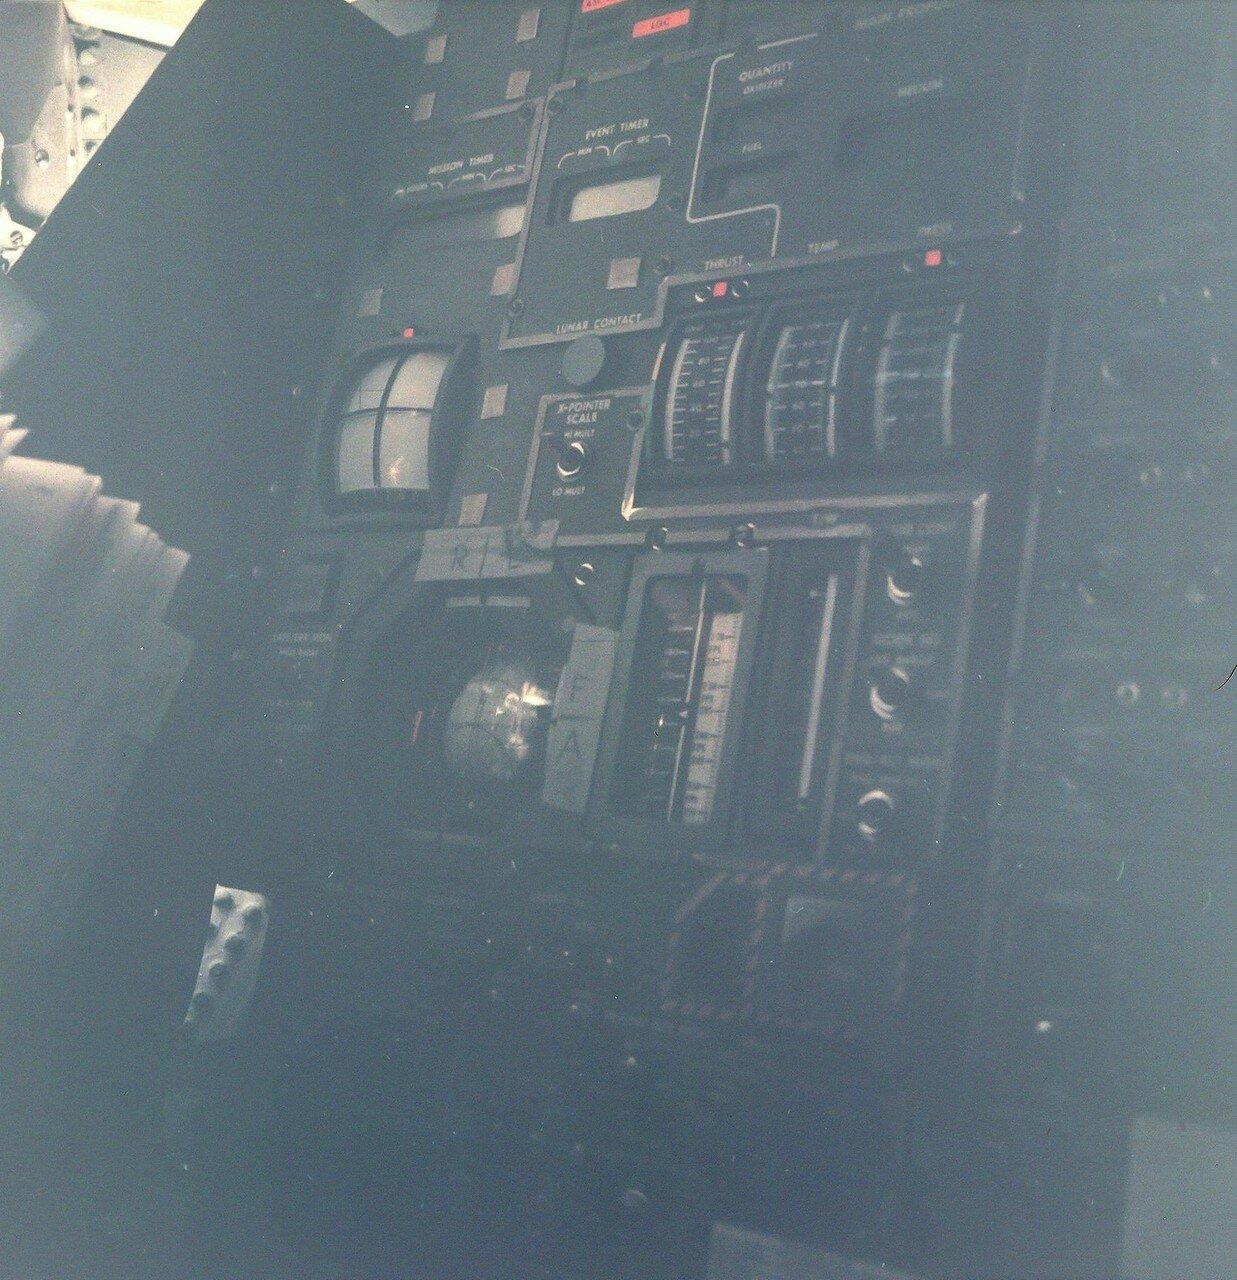 У Хьюстона и экипажа возникли закономерные сомнения в точности введения координат в бортовой компьютер ЛМ. На снимке: Вид панели управления Лунного Модуля